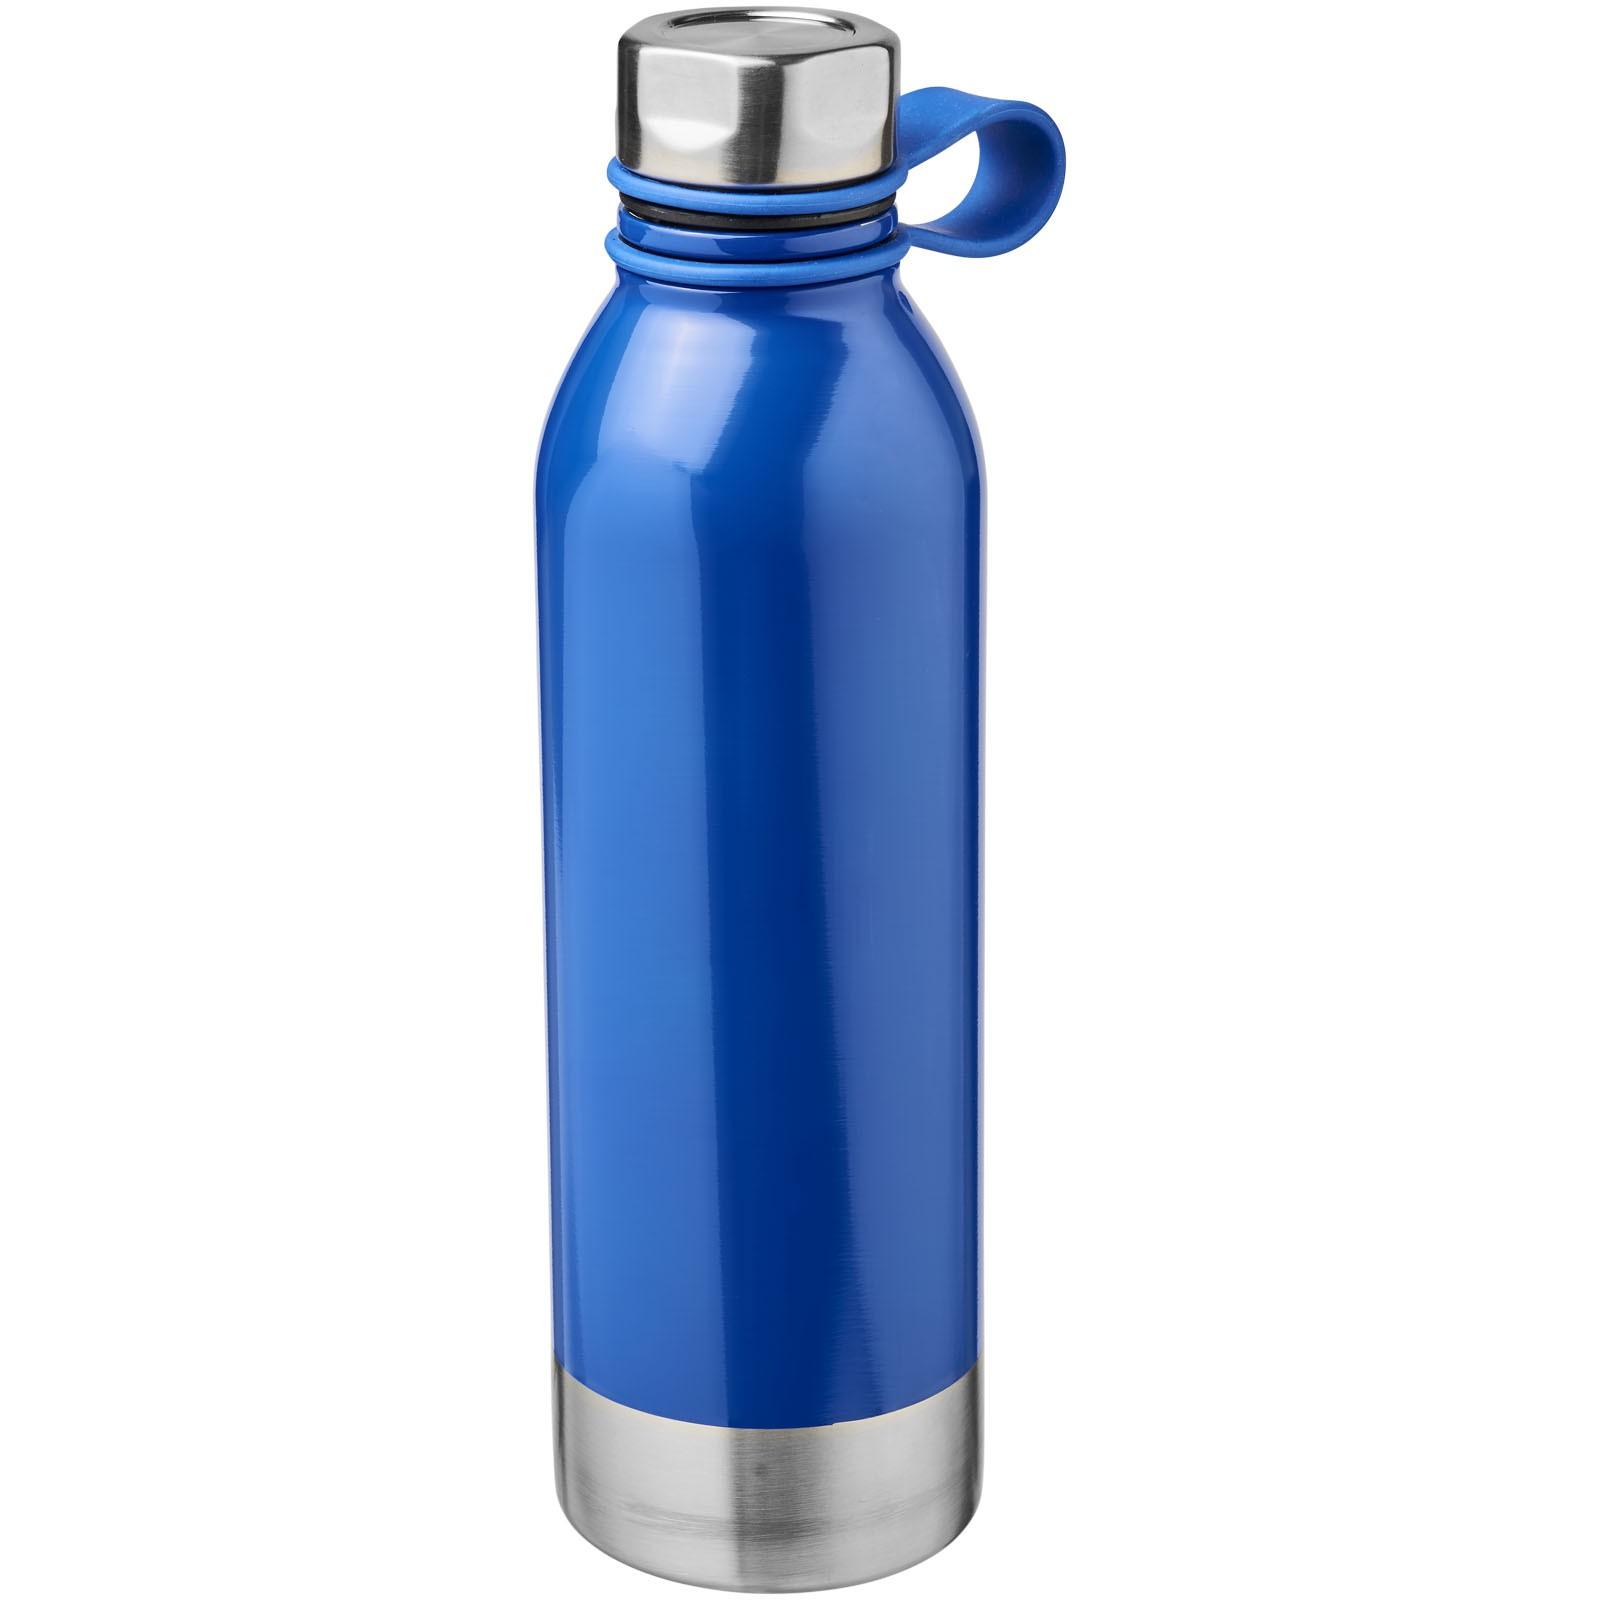 Sportovní láhev Podium 740 ml z nerezové oceli - Modrá